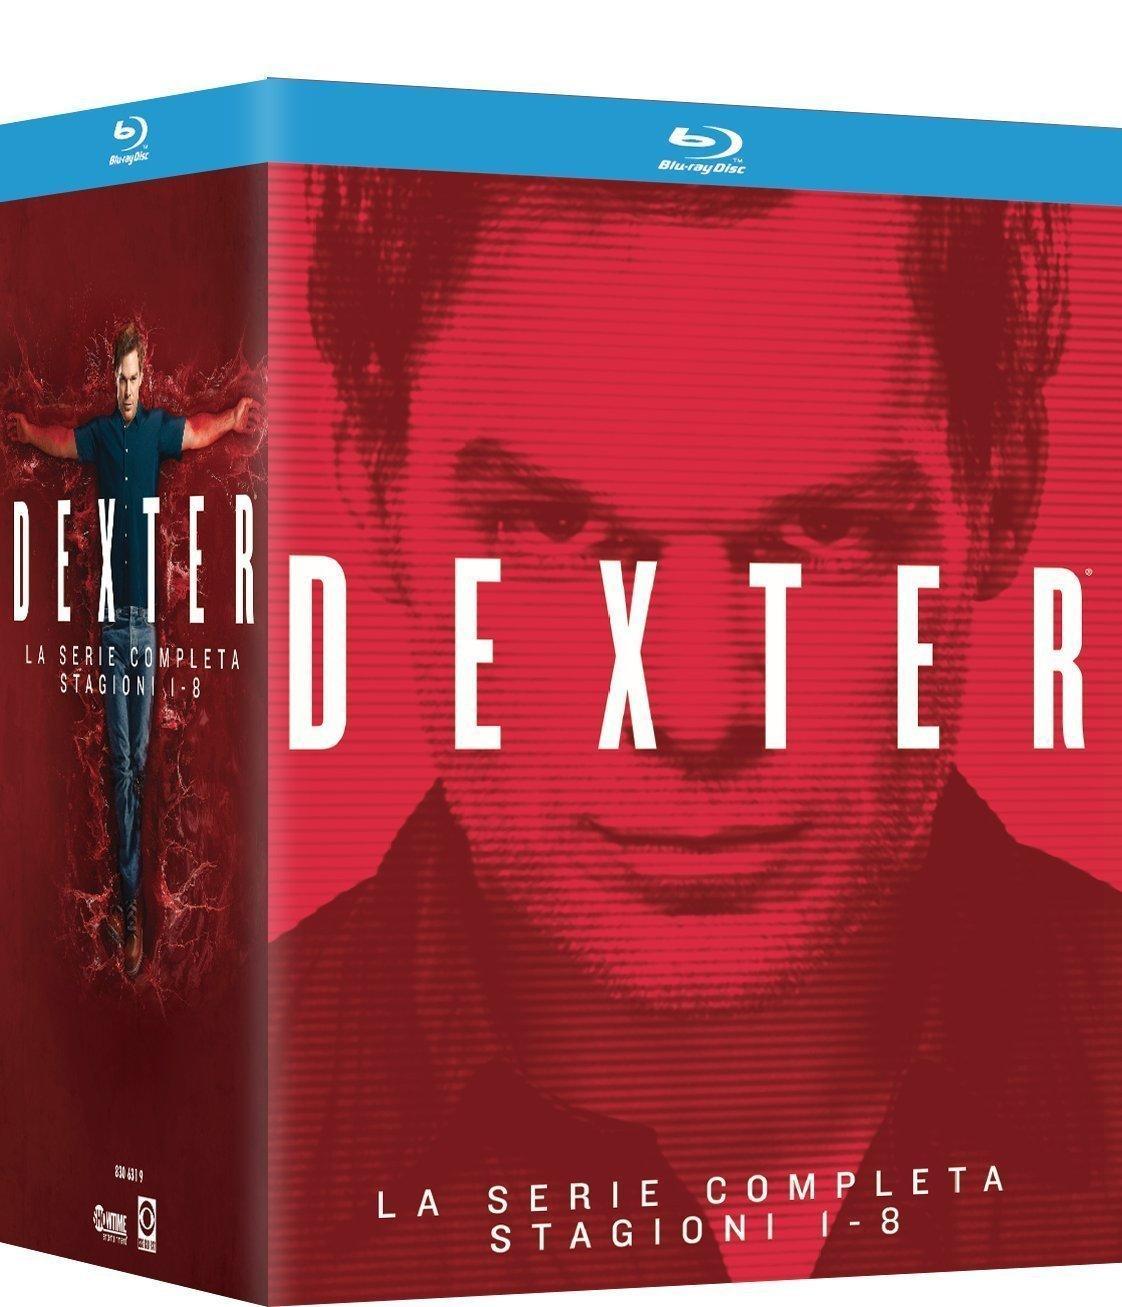 Coffret Blu-ray : L'intégrale de Dexter : Saisons 1 à 8 (VO uniquement pour les saison 5 à 7)